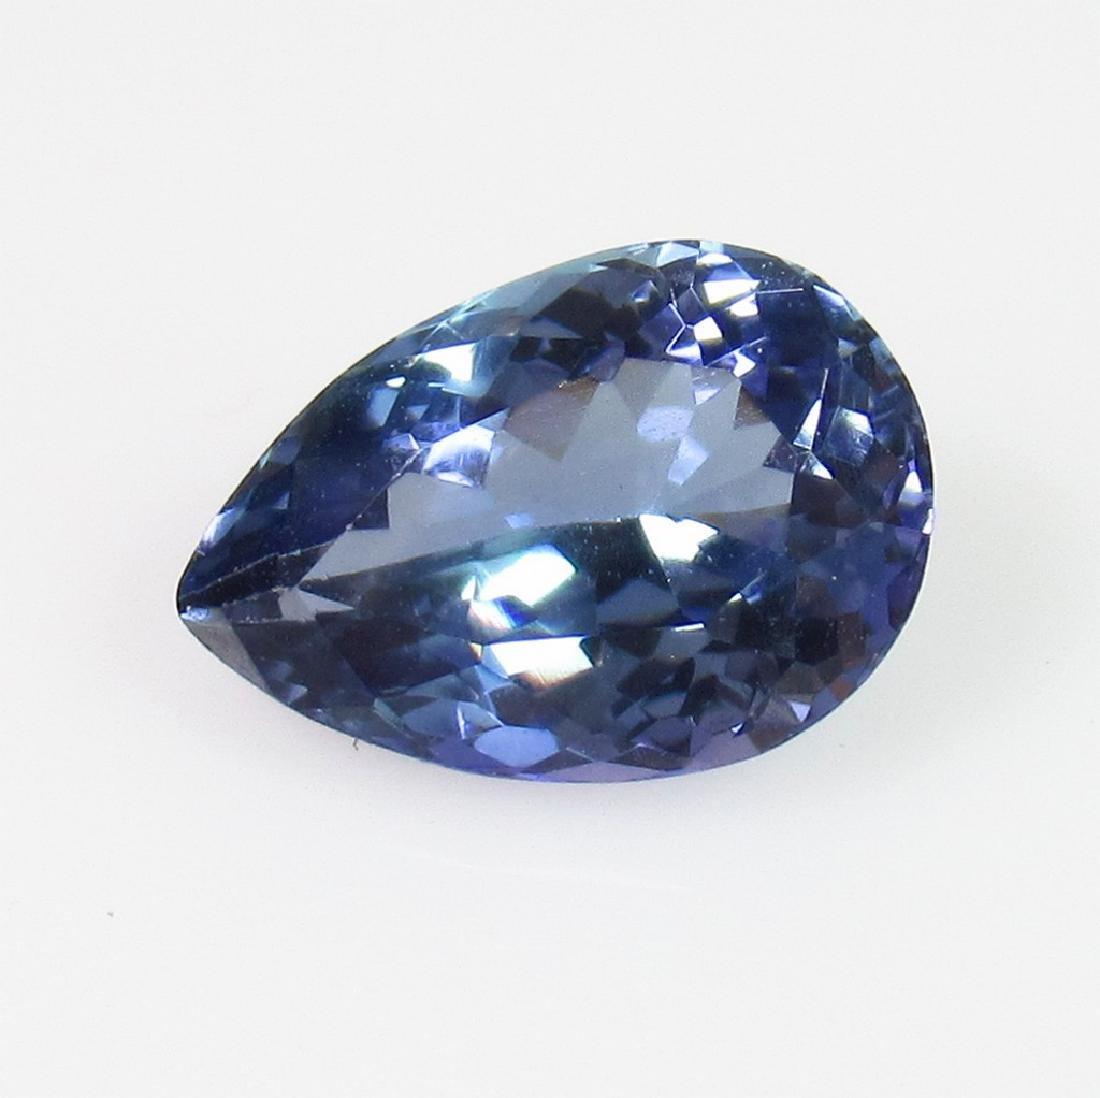 IGI Certified 2.27 Ct Genuine Blue Tanzanite Pear Cut